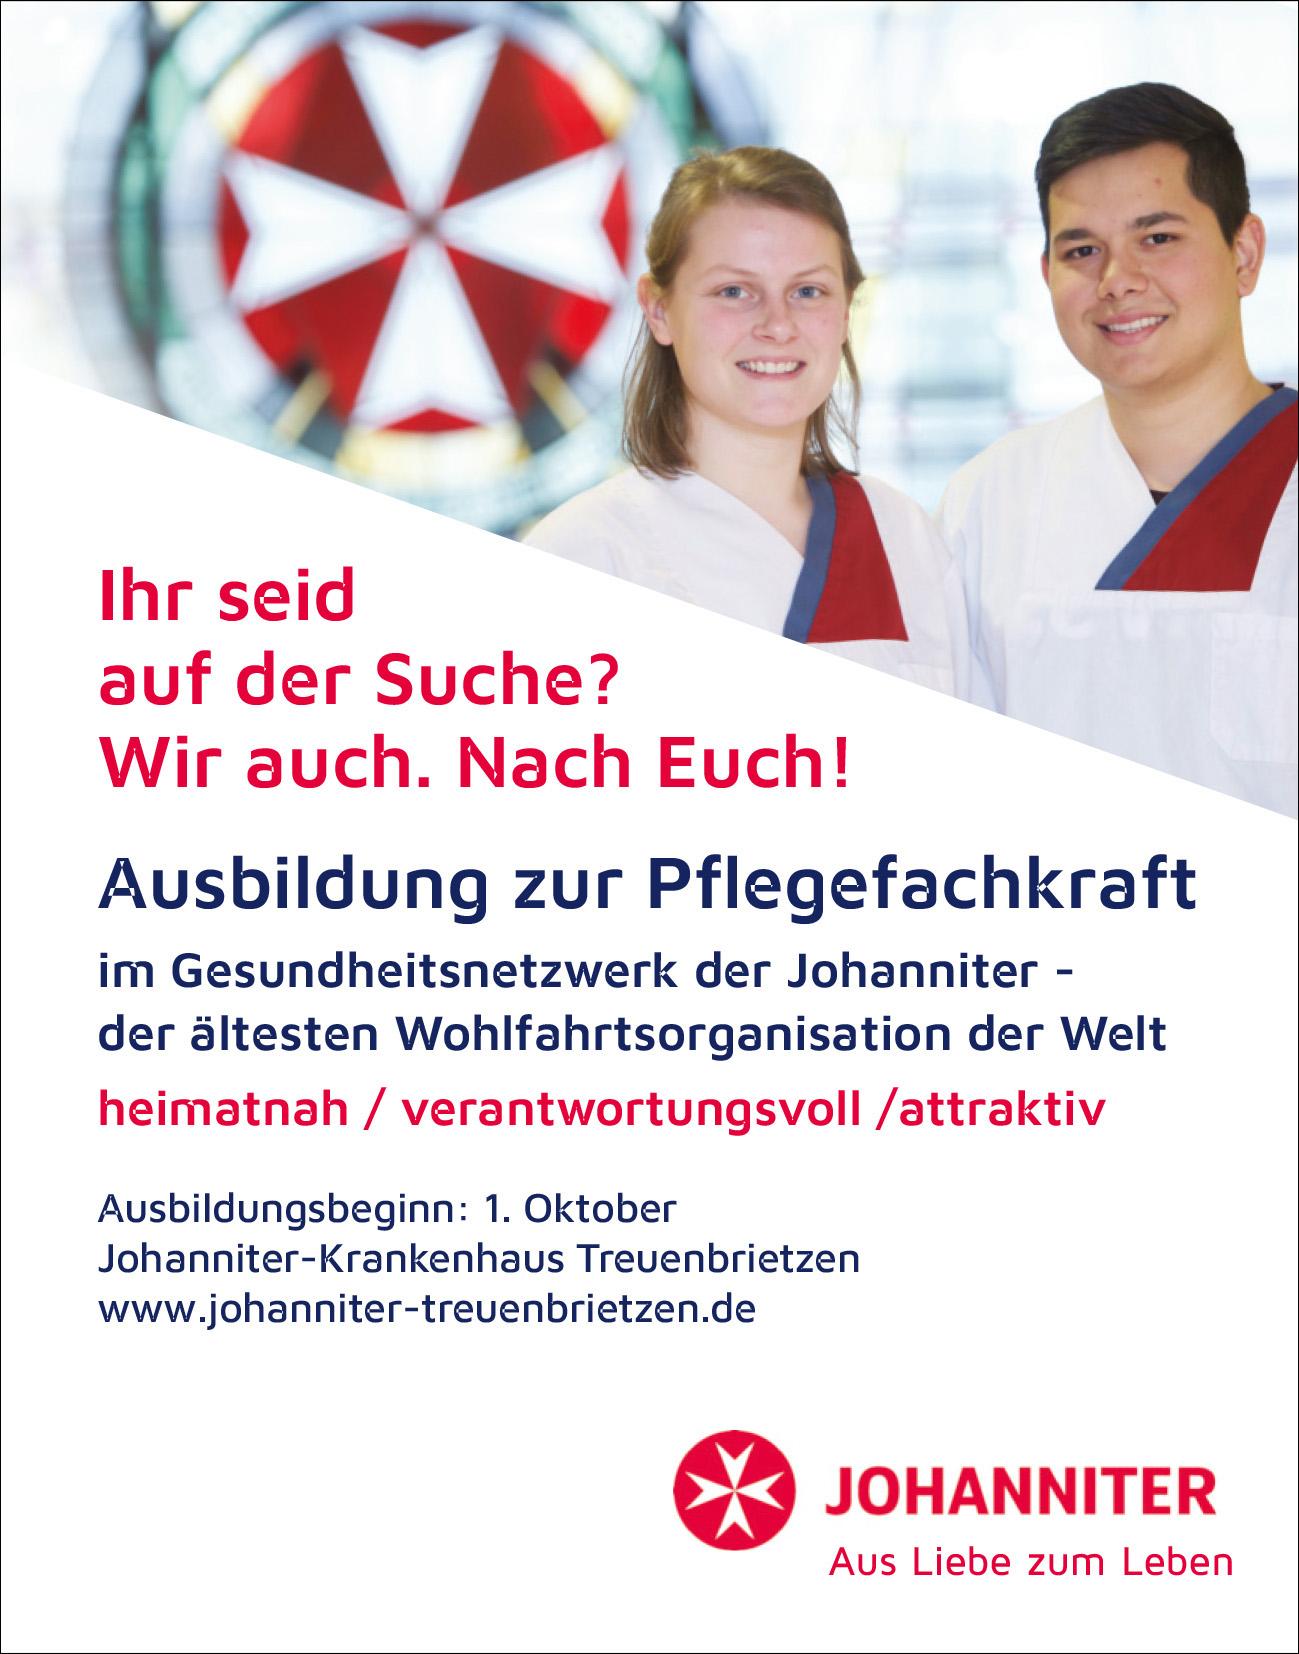 Ausbildung zur Pflegefachkraft im Johanniter-Krankenhaus Treuenbrietzen